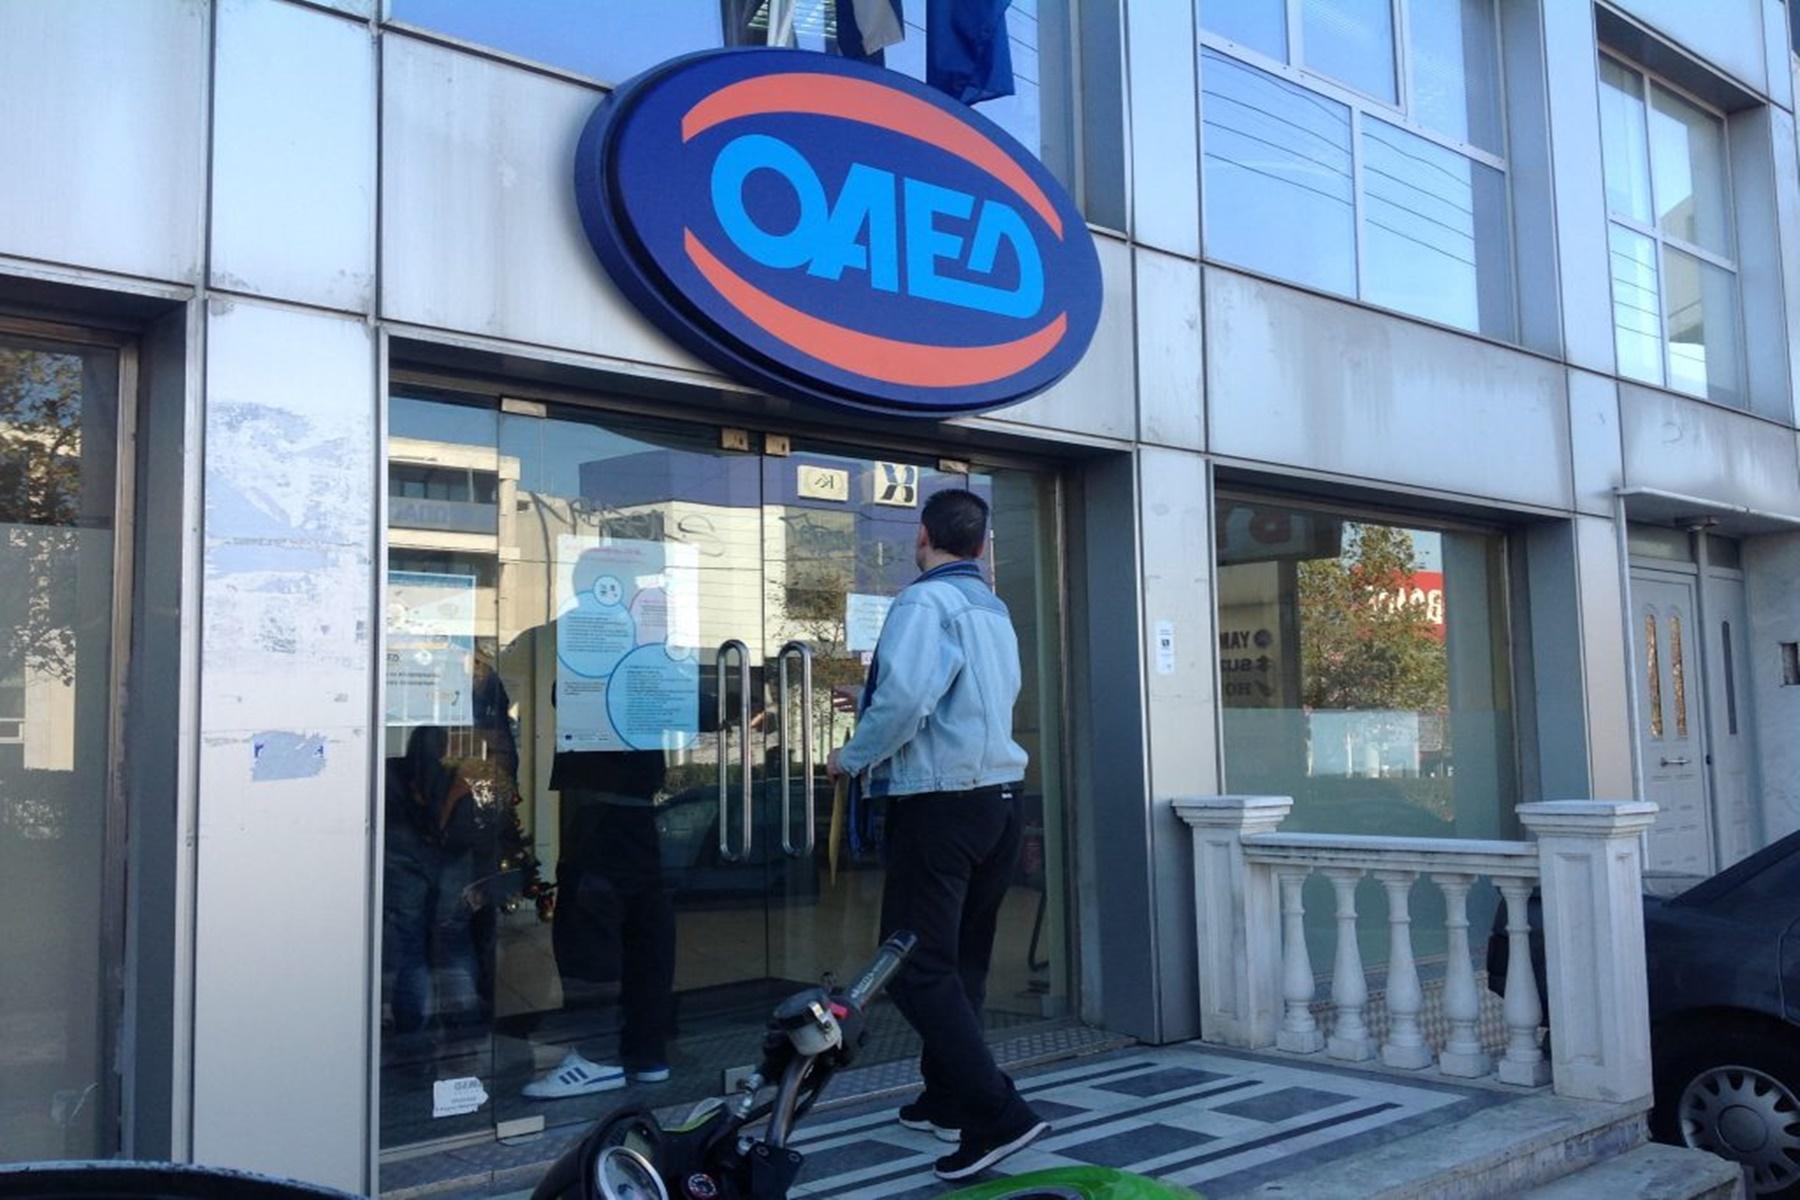 ΟΑΕΔ : Προσκαλεί ενδιαφερόμενους για παροχή υπηρεσιών